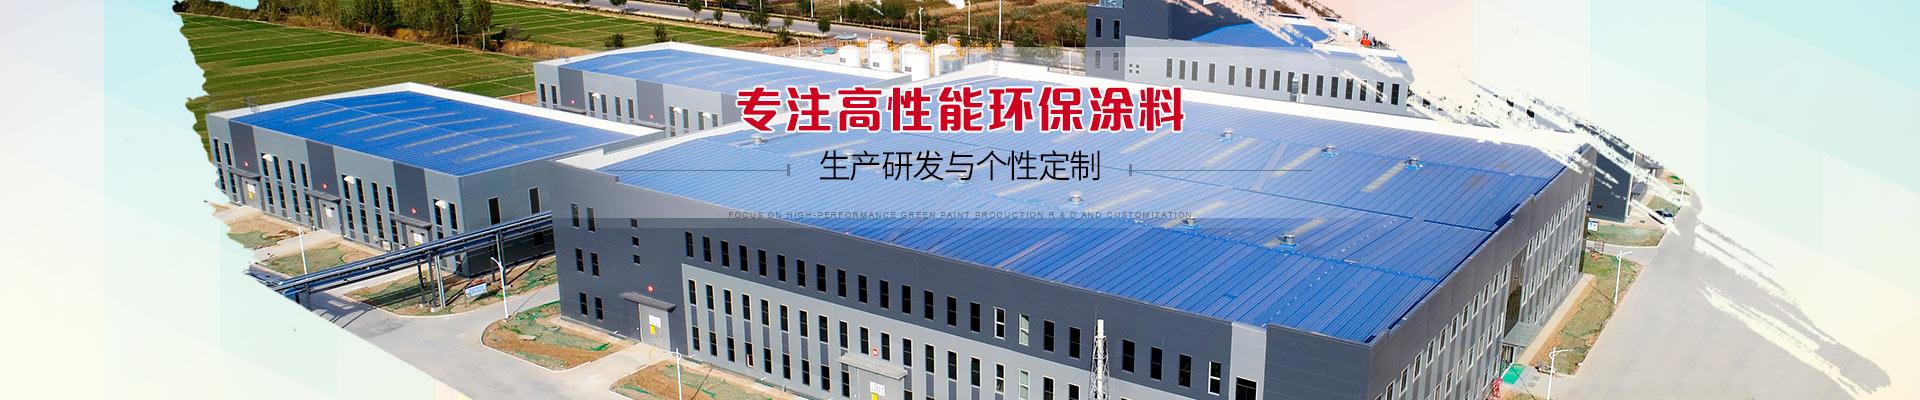 速乐涂料:专注高性能环保涂料生产研发与个性定制